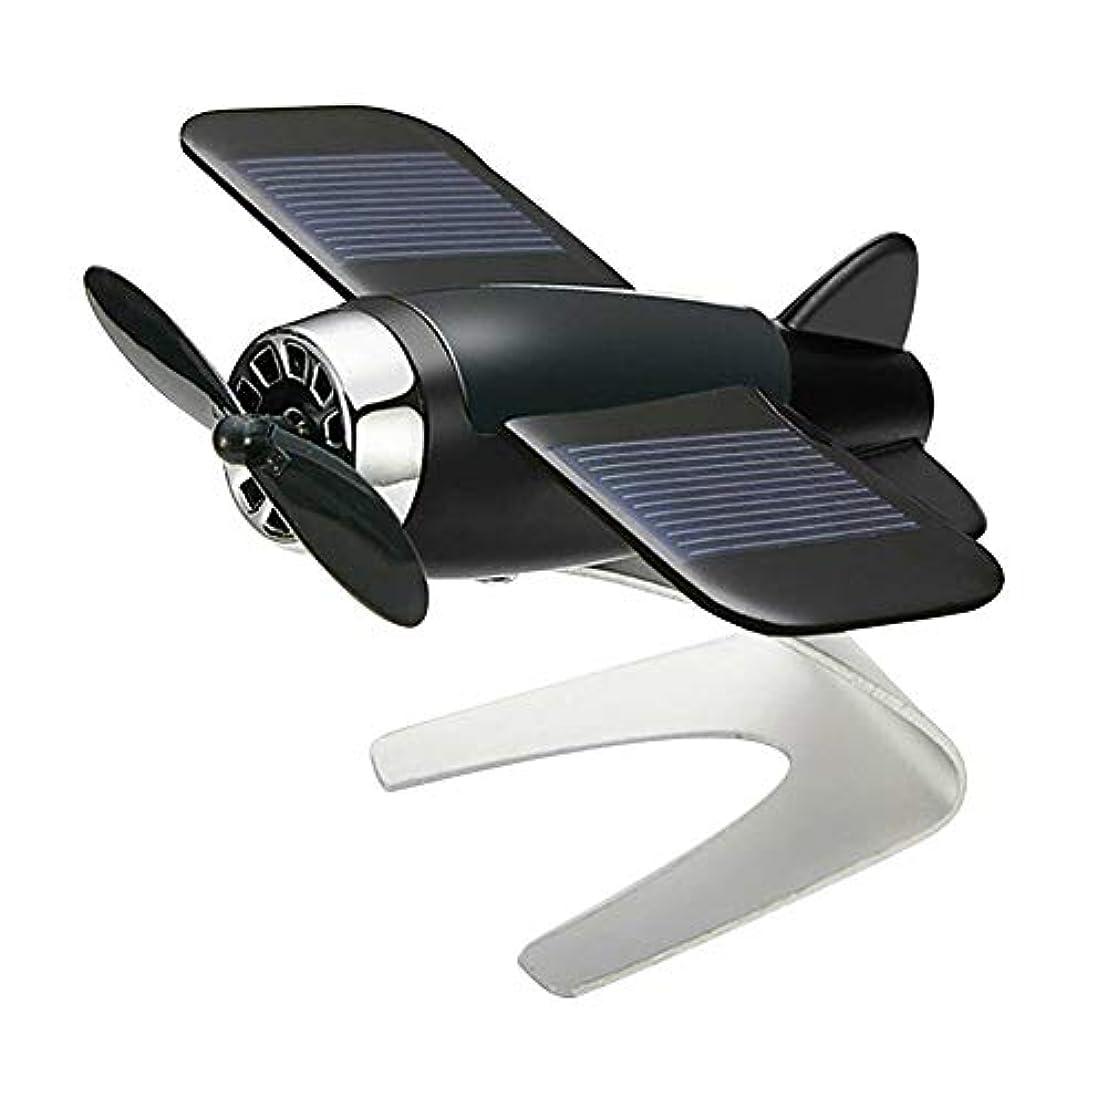 おなかがすいたスラッシュ熱心Symboat 車の芳香剤飛行機航空機モデル太陽エネルギーアロマテラピー室内装飾